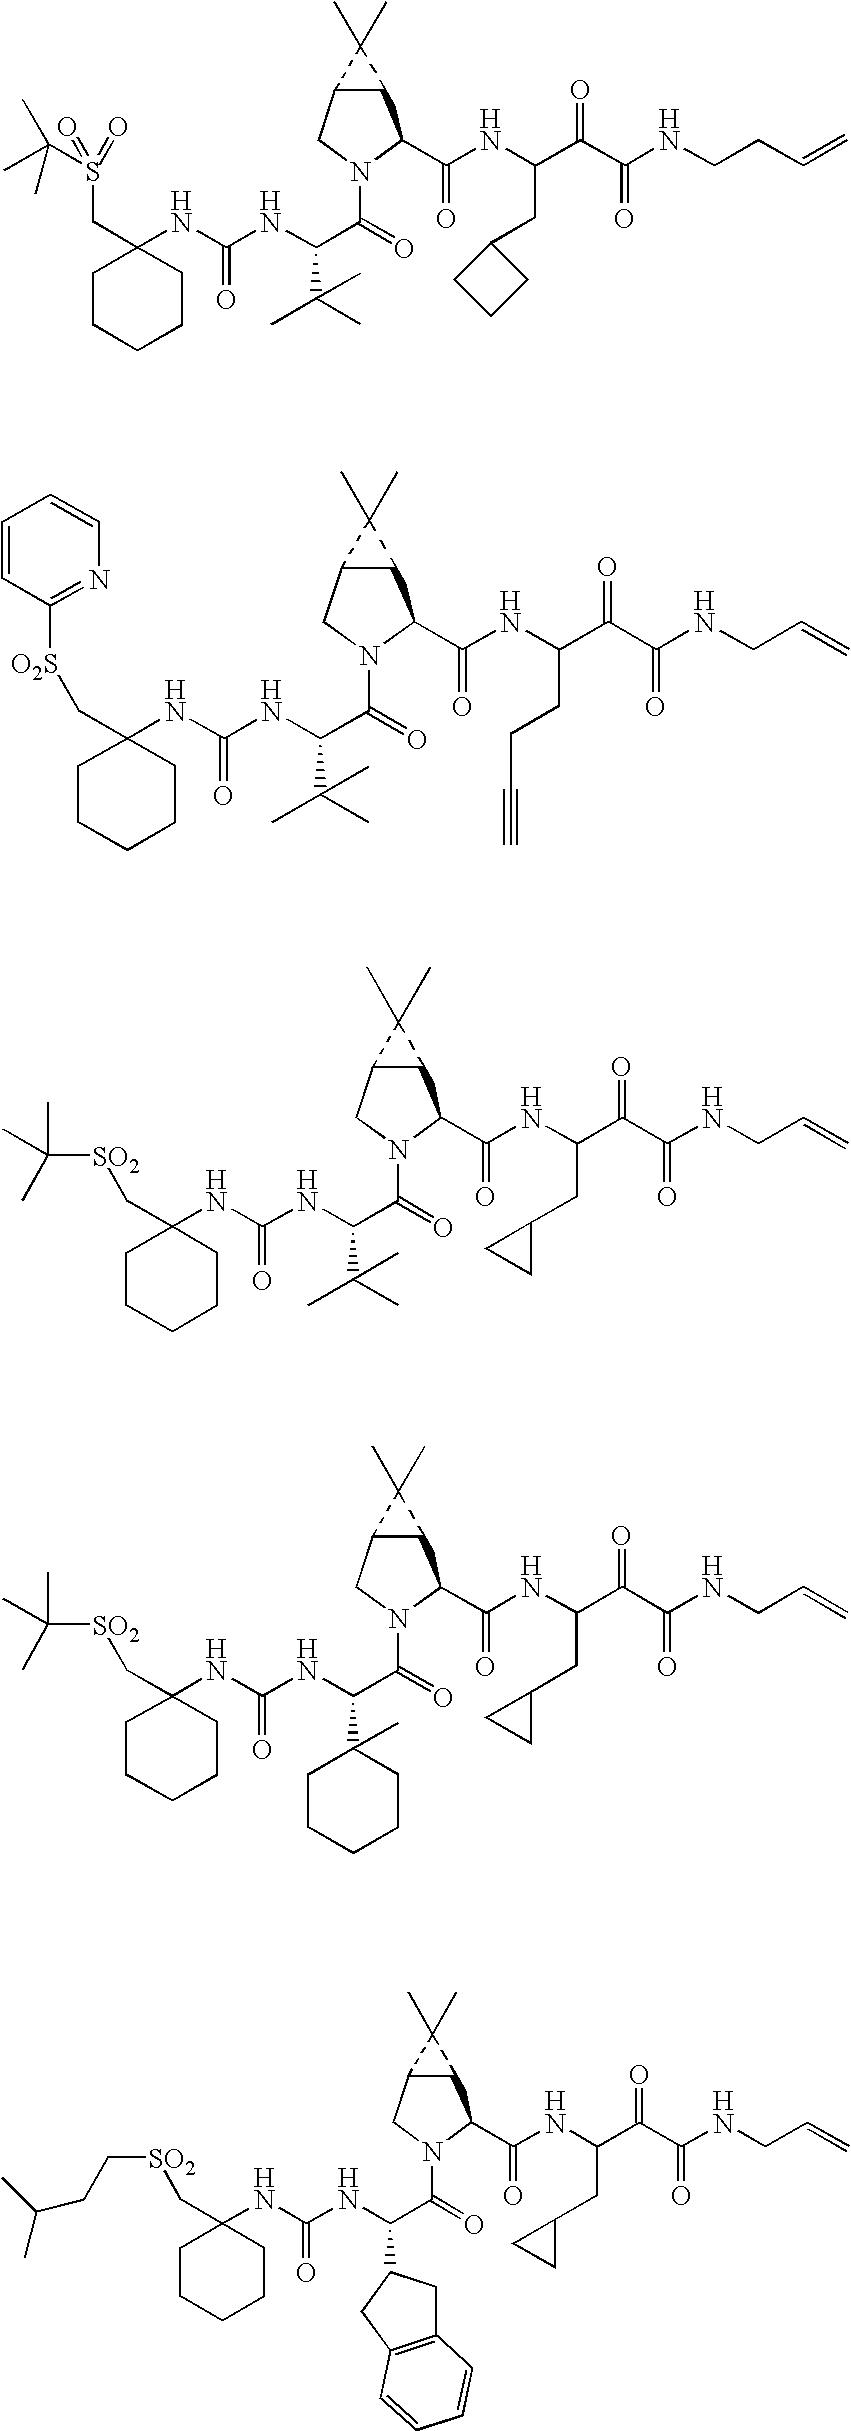 Figure US20060287248A1-20061221-C00466